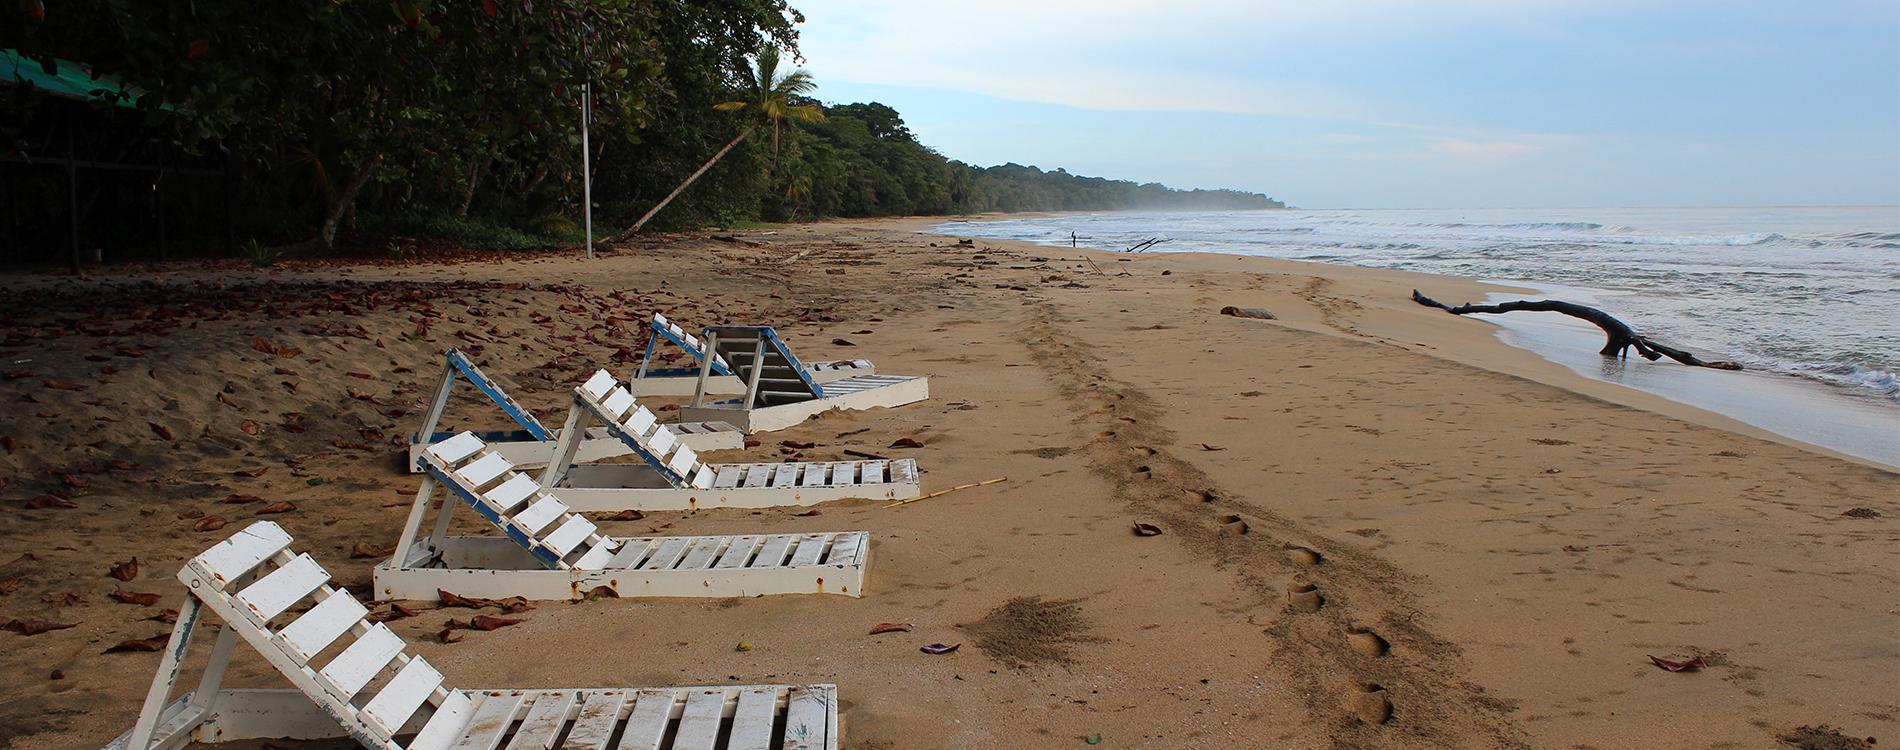 Abenteuer Glamping im Dschungel Costa Ricas - Gin des Lebens